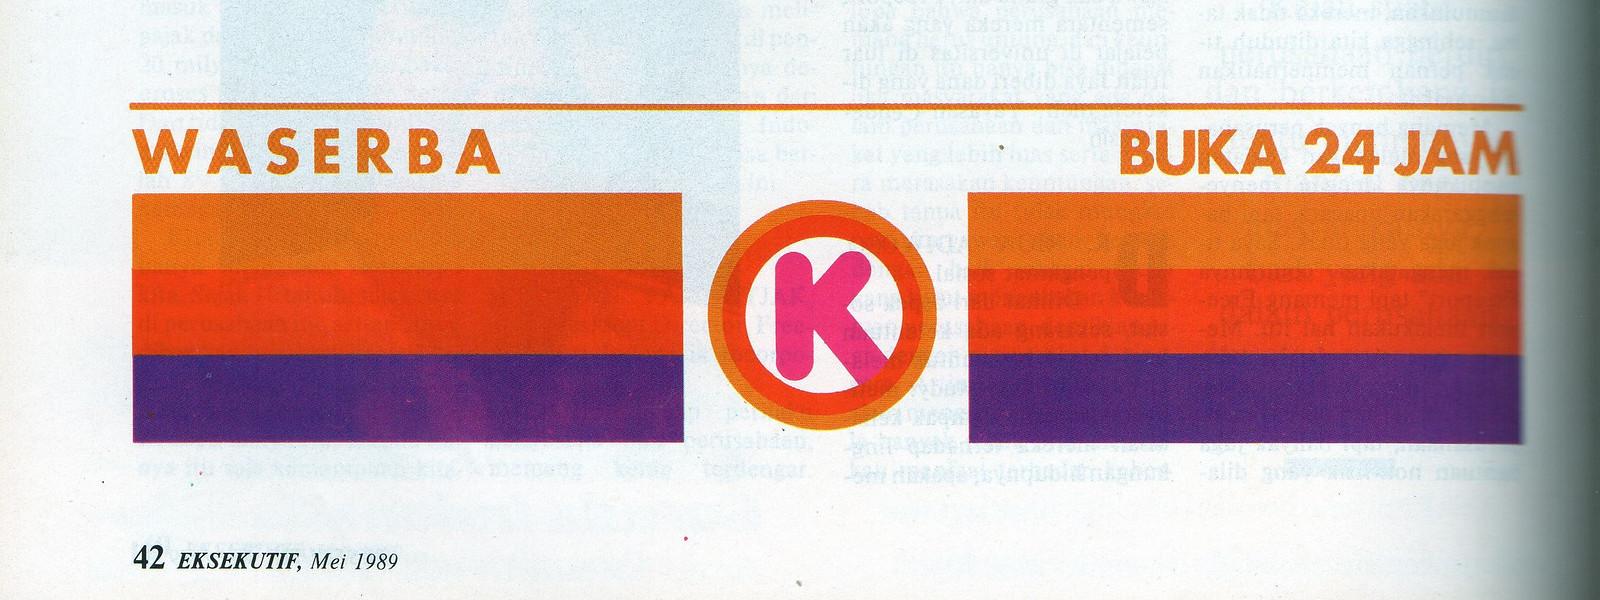 Waserba Circle K - Majalah Eksekutif, Mei 1989